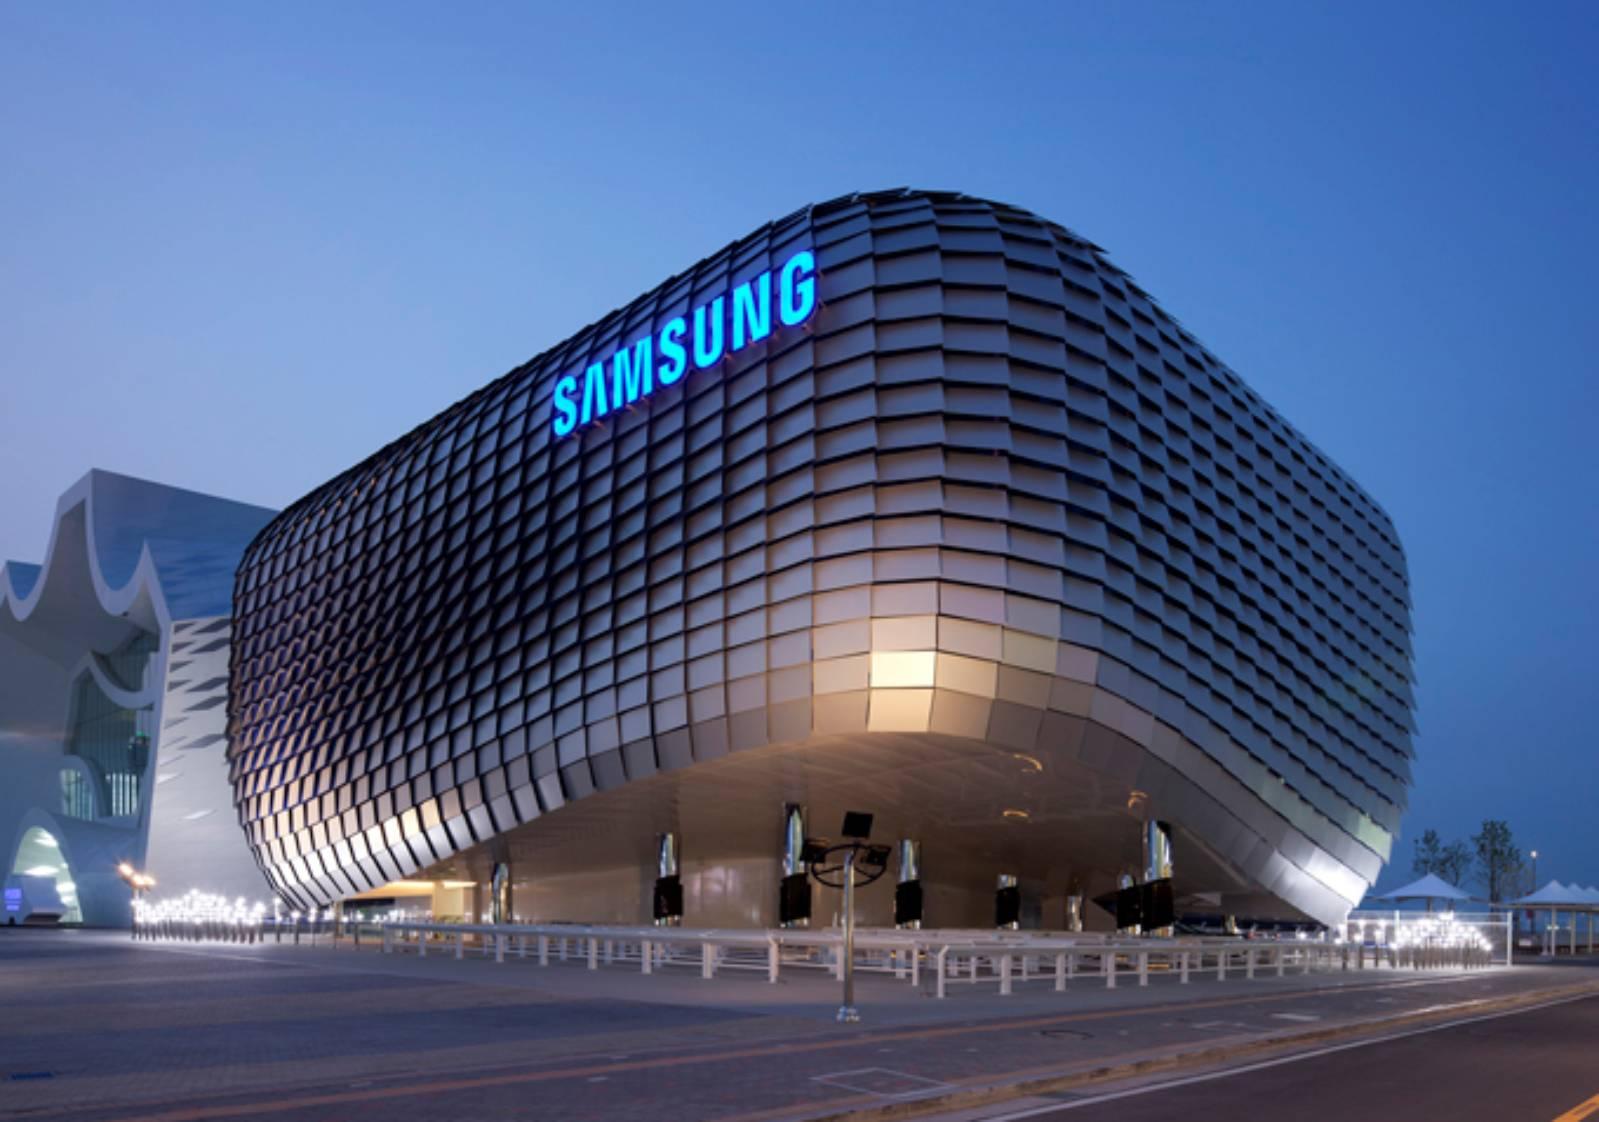 Samsung ganó 16.725 millones de euros en 2019, un 51% menos, por la crisis de los semiconductores